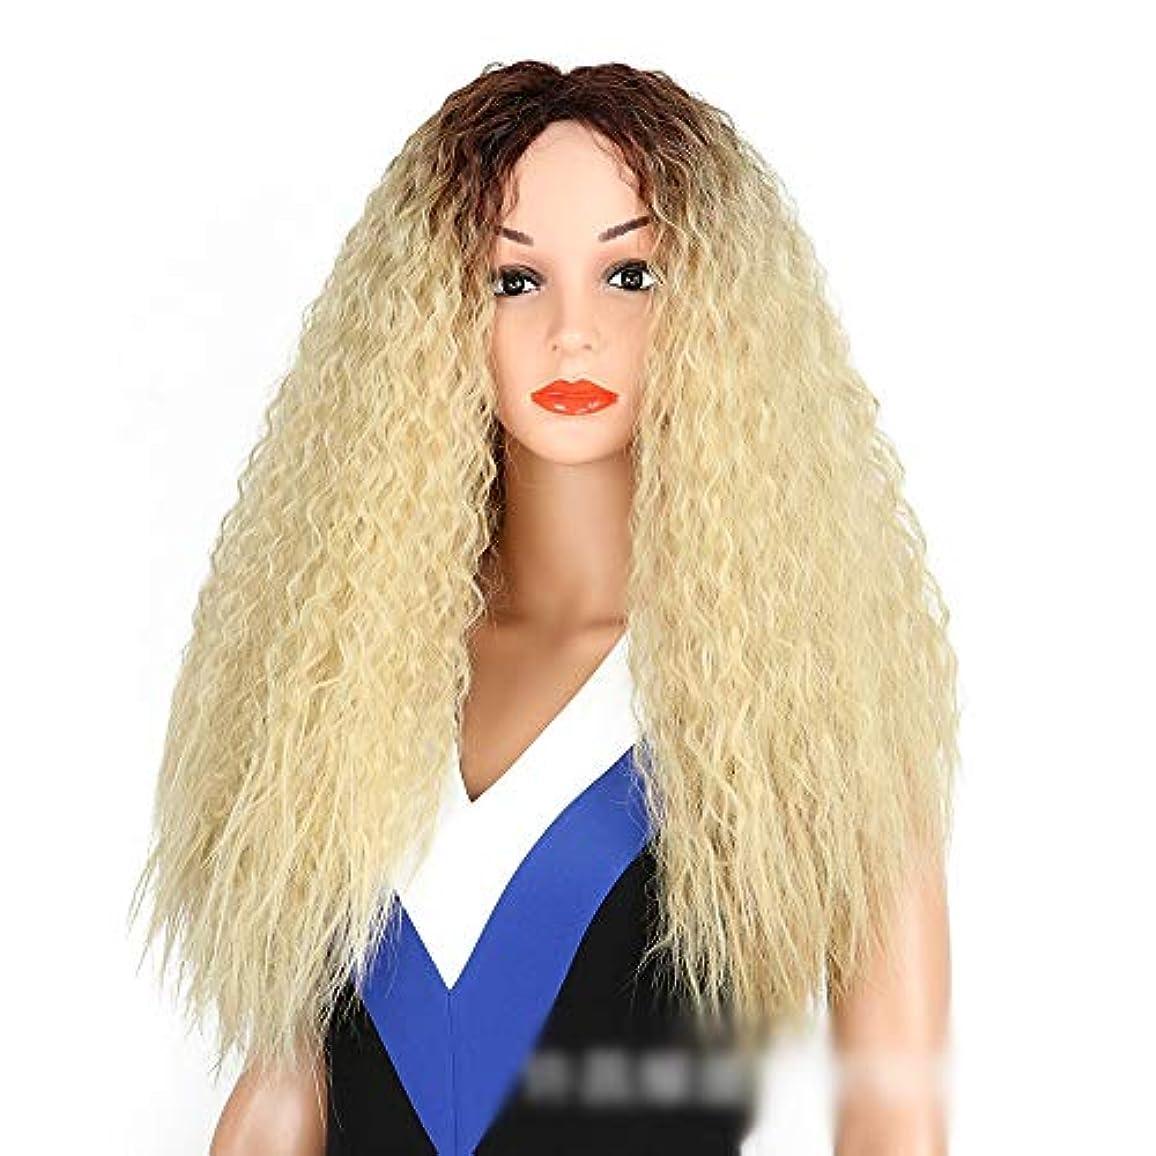 腸北極圏ディスコWASAIO 女性用ブロンドダークルーツコーンホットヘア爆発ヘッドロングカーリーウィッグアクセサリースタイル交換用繊維合成耐熱性 (色 : Blonde)